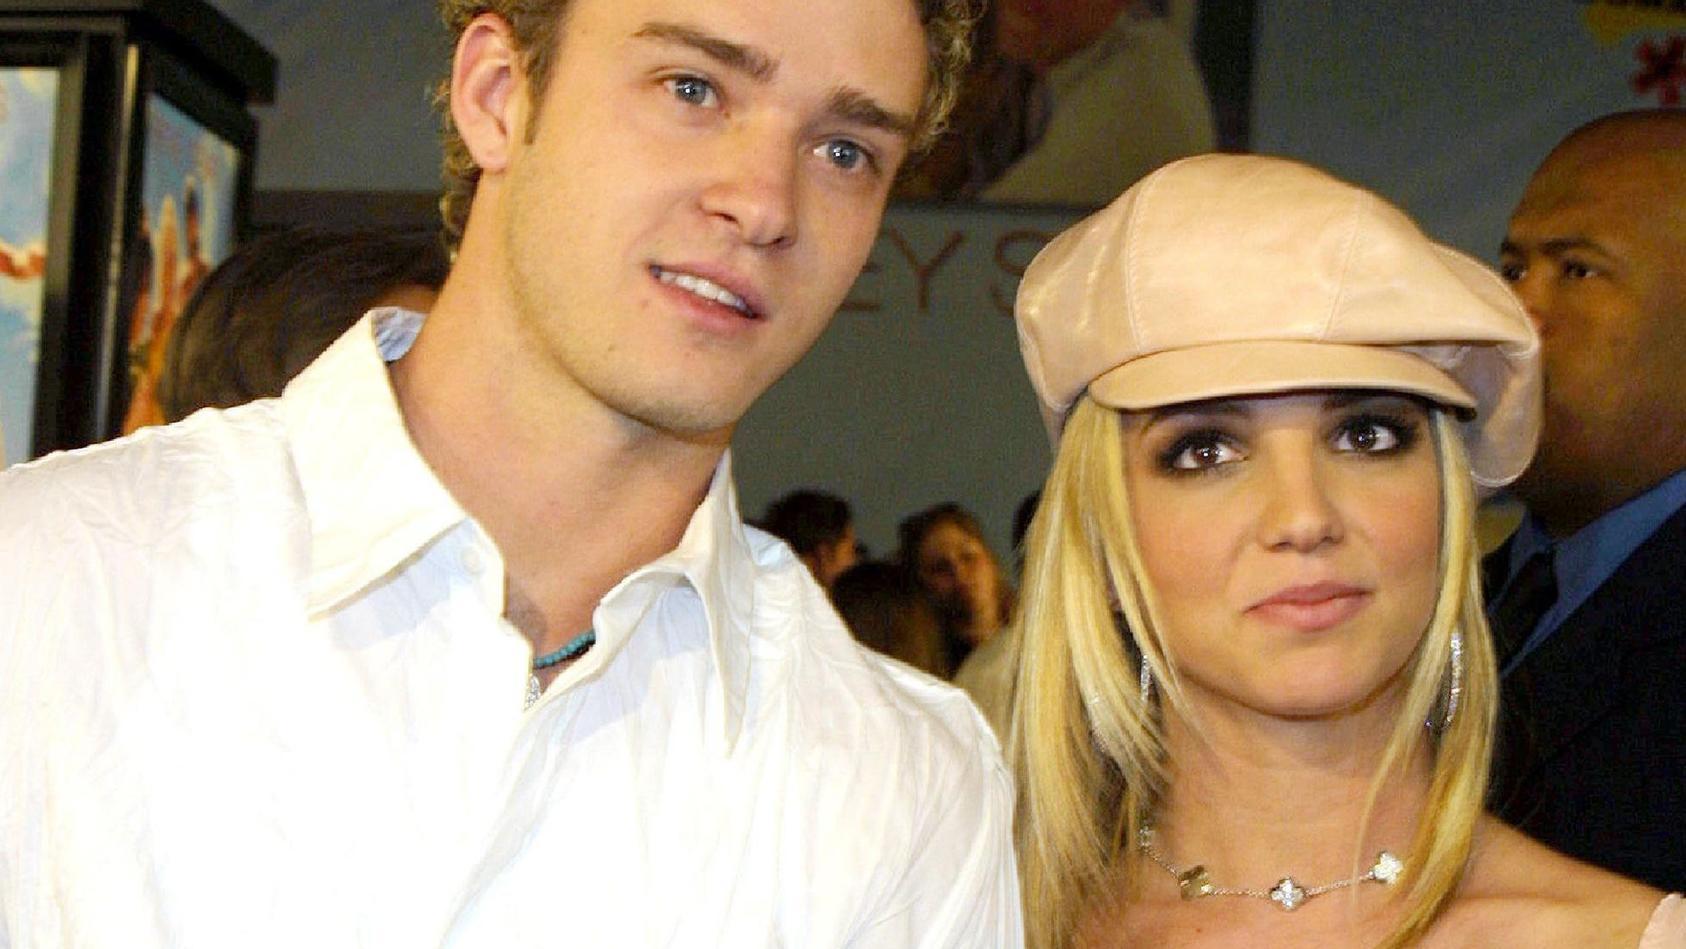 Zwischen 1999 und 2002 waren Justin Timberlake und Britney Spears unzertrennlich. Dann kam es zur dramatischen Trennung des Paares.